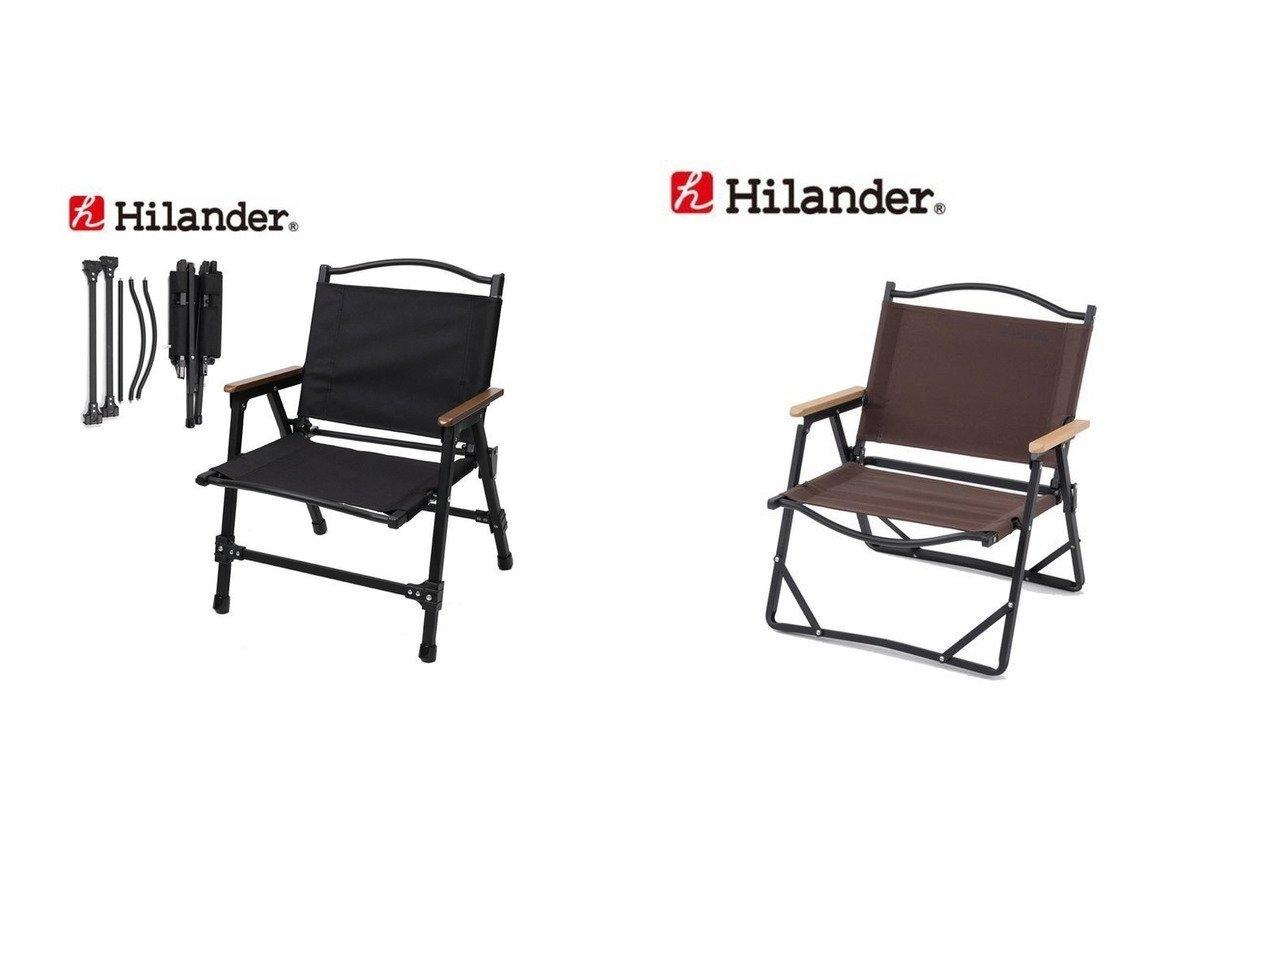 【Hilander/ハイランダー】のアルミデッキチェア&アルミフォールディングチェア 【アウトドアチェア】おすすめ!人気キャンプ・アウトドア用品の通販 おすすめで人気の流行・トレンド、ファッションの通販商品 インテリア・家具・メンズファッション・キッズファッション・レディースファッション・服の通販 founy(ファニー) https://founy.com/ アウトドア コンパクト スタンド テーブル フレーム ホーム・キャンプ・アウトドア Home,Garden,Outdoor,Camping Gear キャンプ用品・アウトドア  Camping Gear & Outdoor Supplies チェア テーブル Camp Chairs, Camping Tables  ID:crp329100000050195